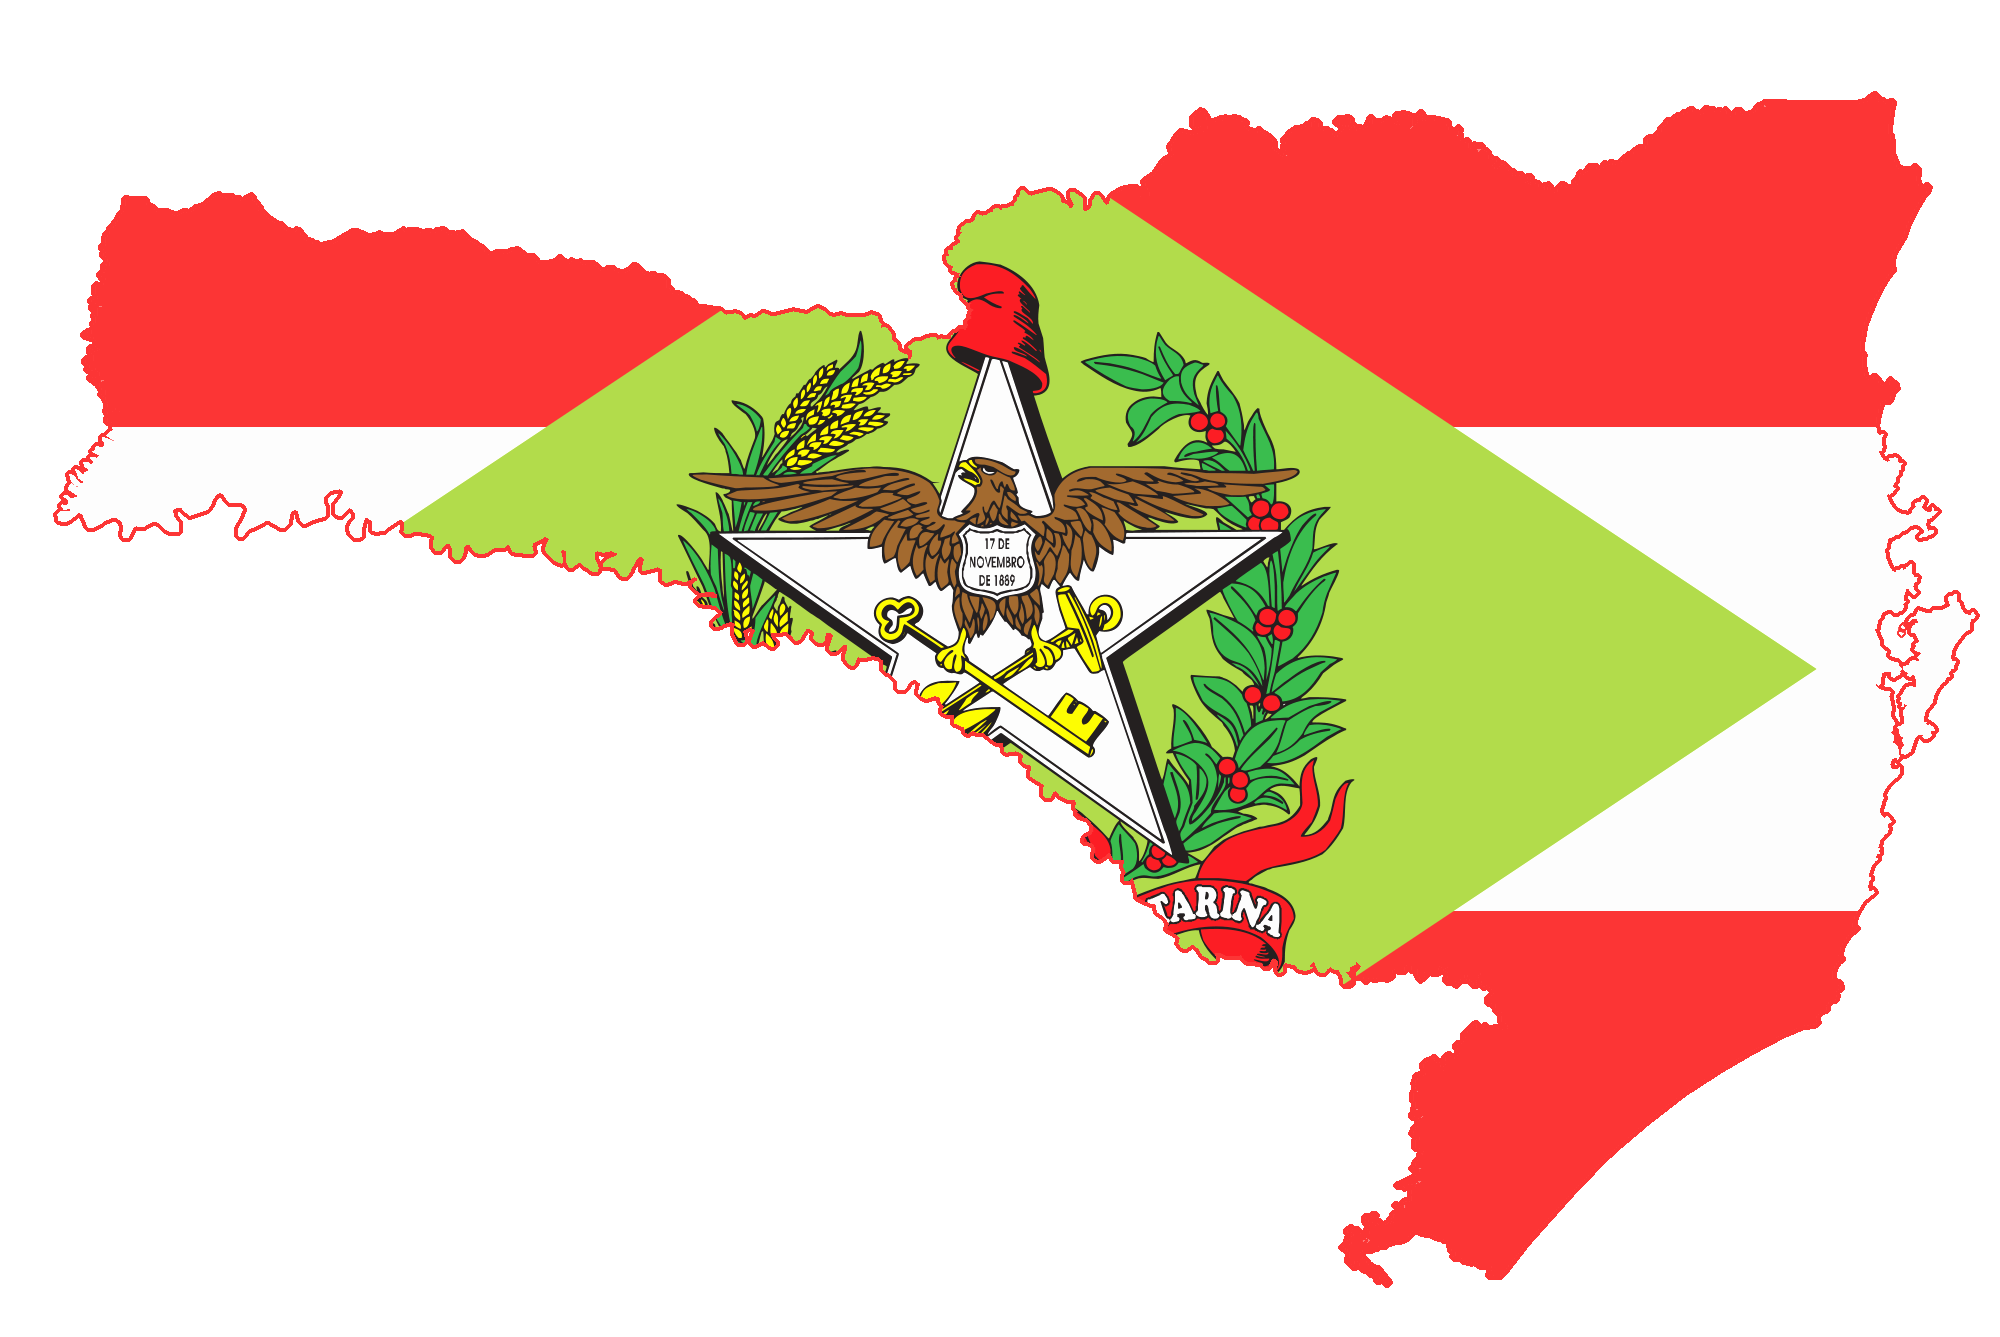 Mapa de SC com bandeira - Acordo direto em Santa Catarina